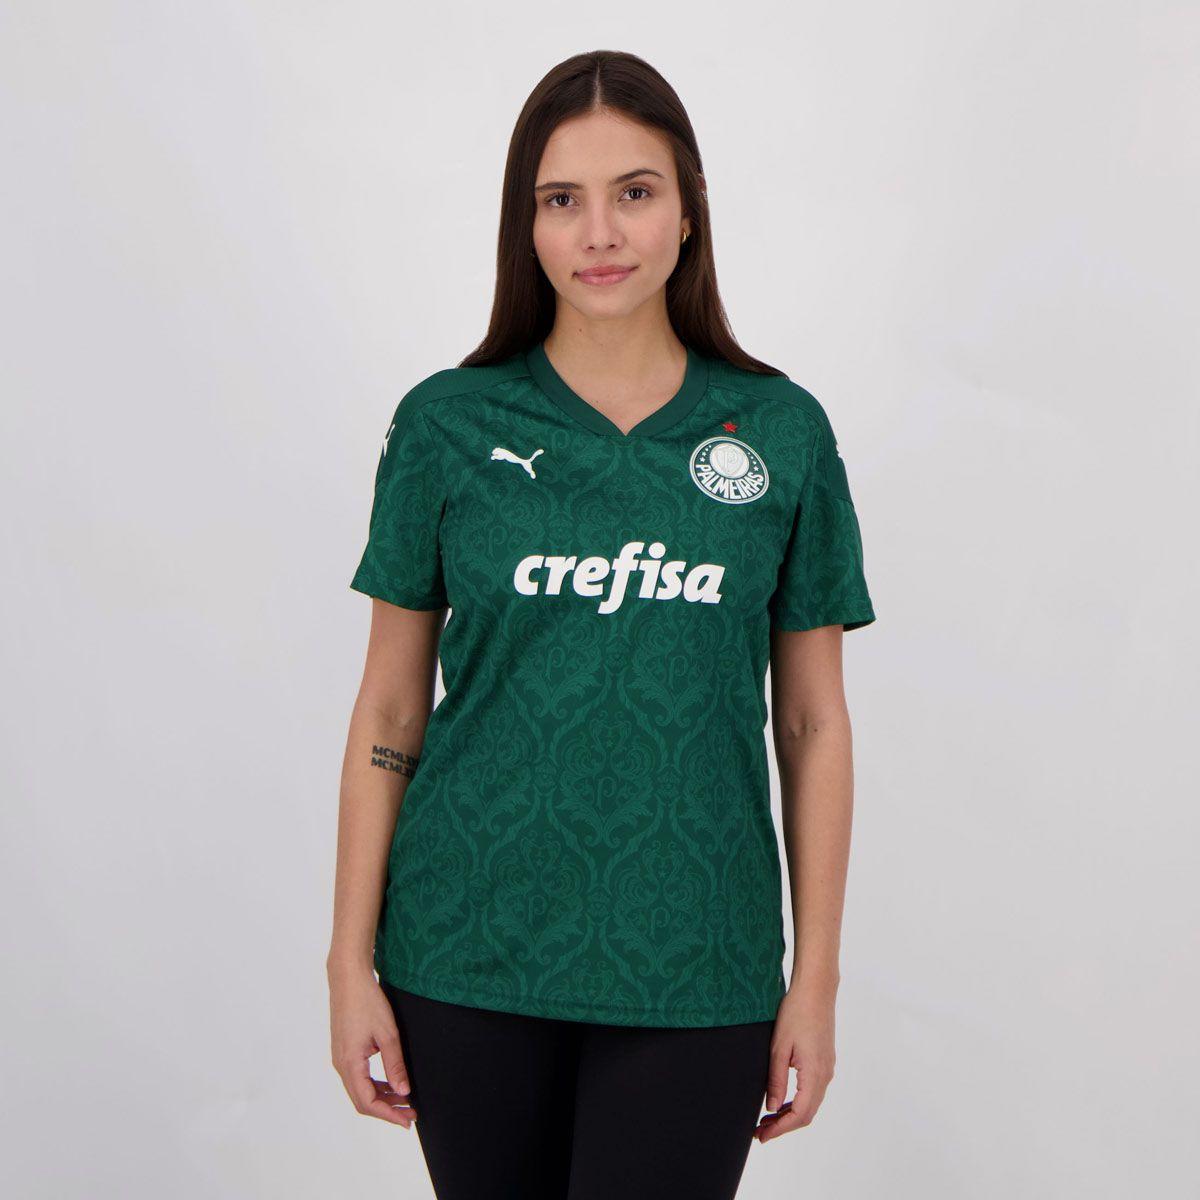 camisa_puma_palmeiras_i_2020_feminina_76624_1_20201130175551